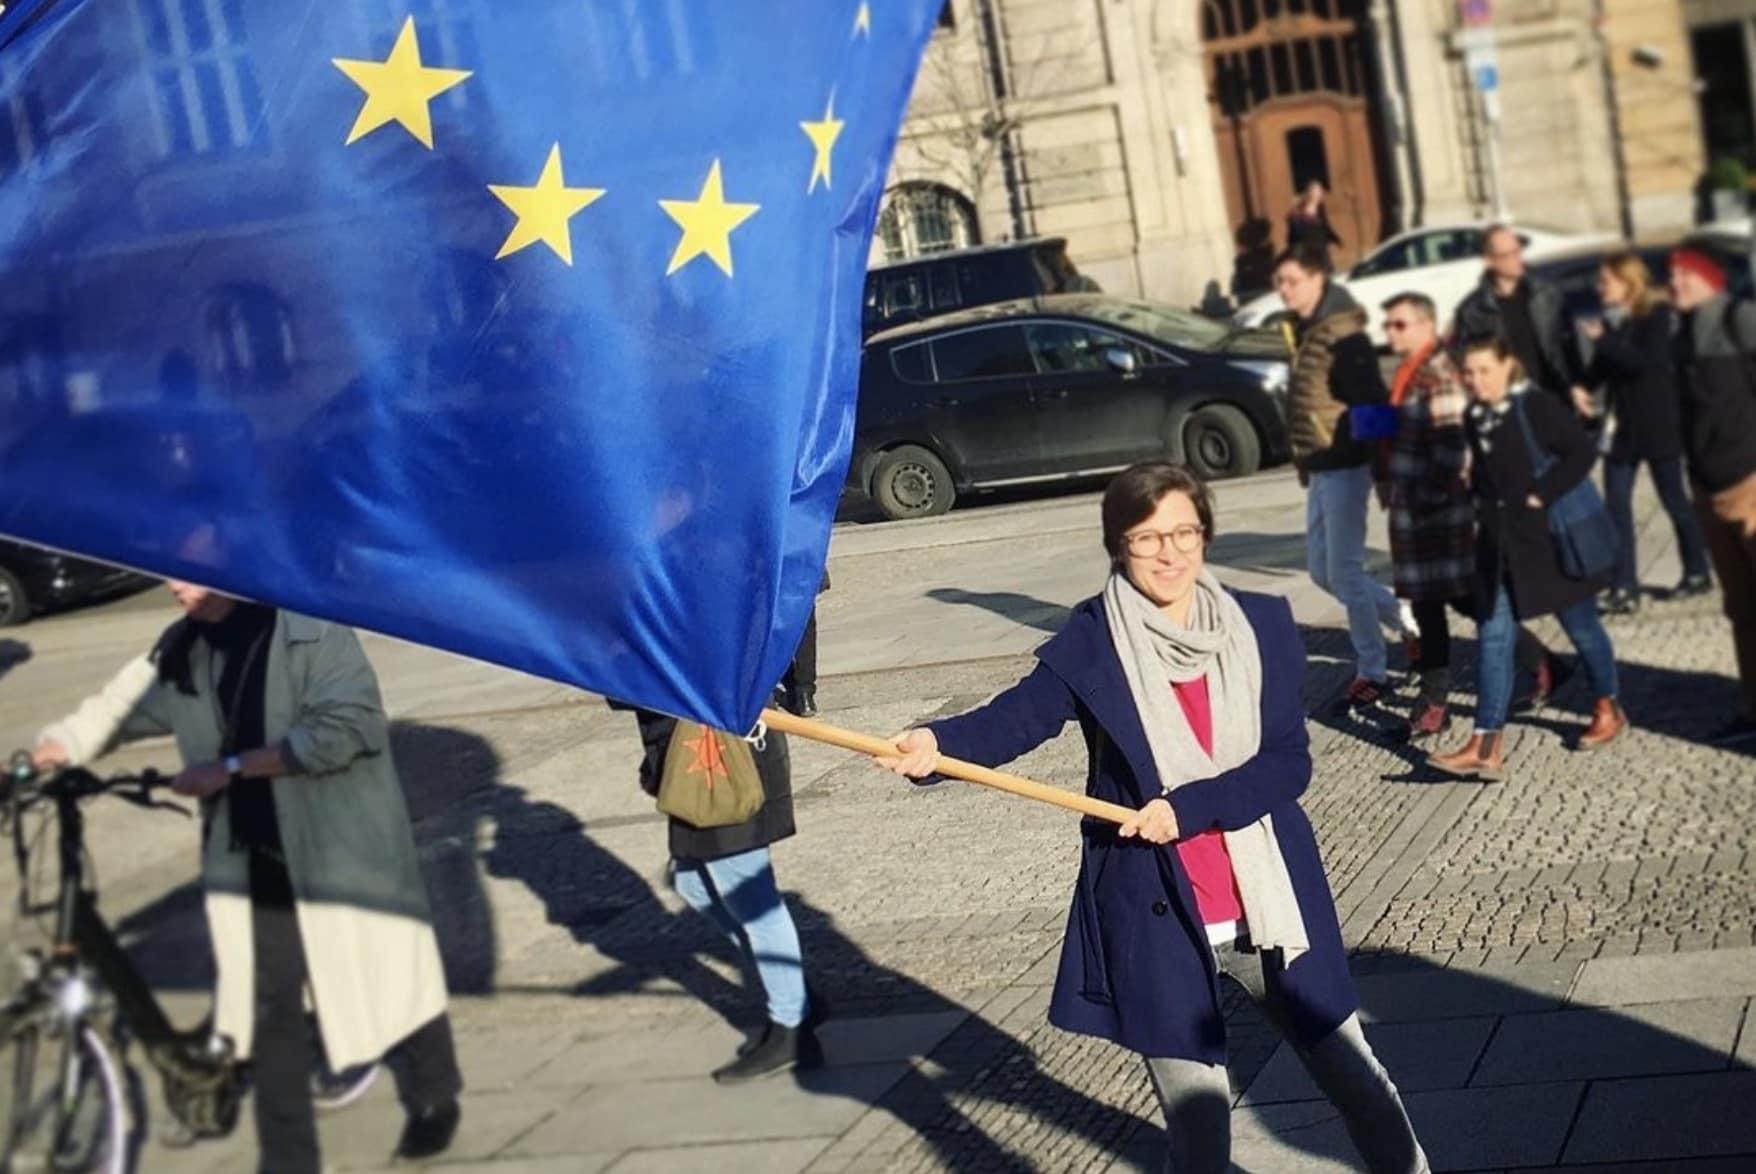 Konferenz zur Zukunft Europas: Unser Europa stärker machen!